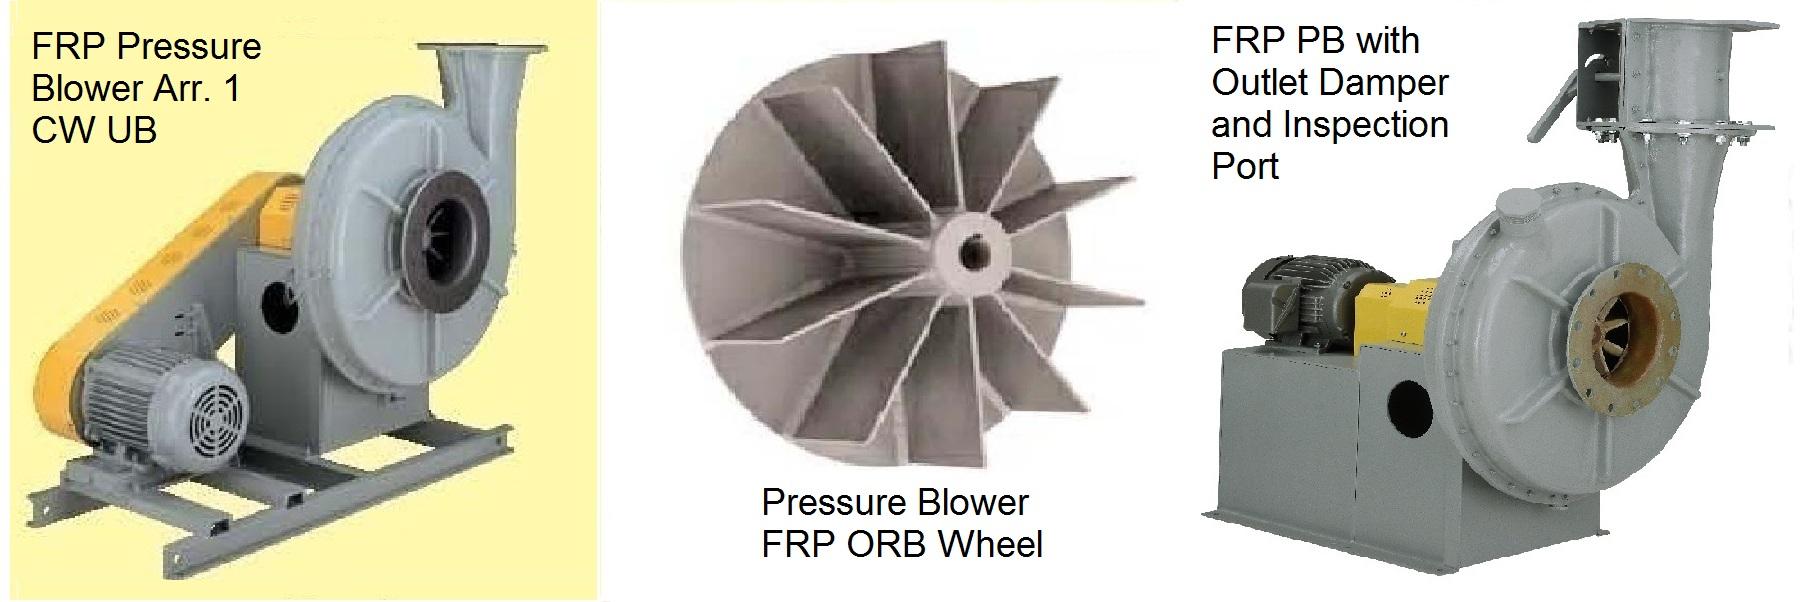 New York Blower Pressure Blower : Frp pb pressure blowers